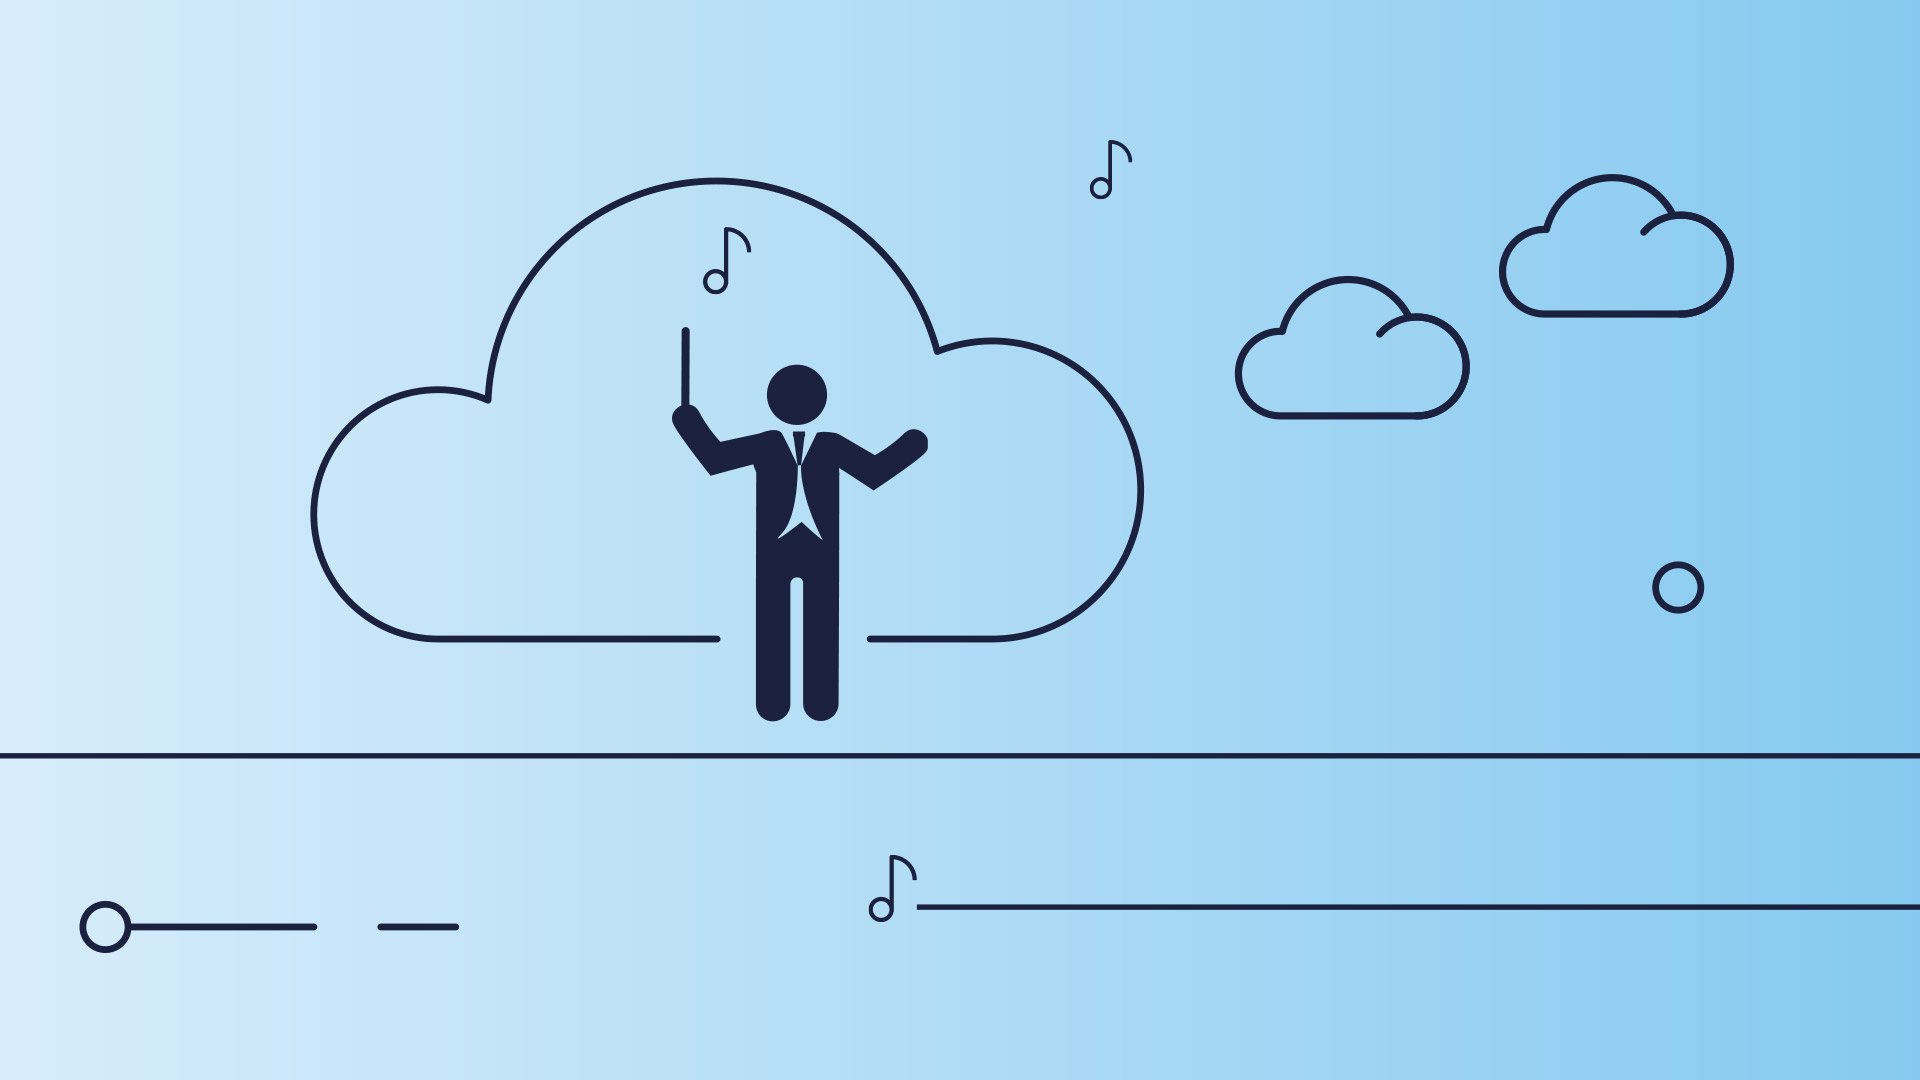 Crisp-Studie: Multi-Cloud wird an Bedeutung gewinnen